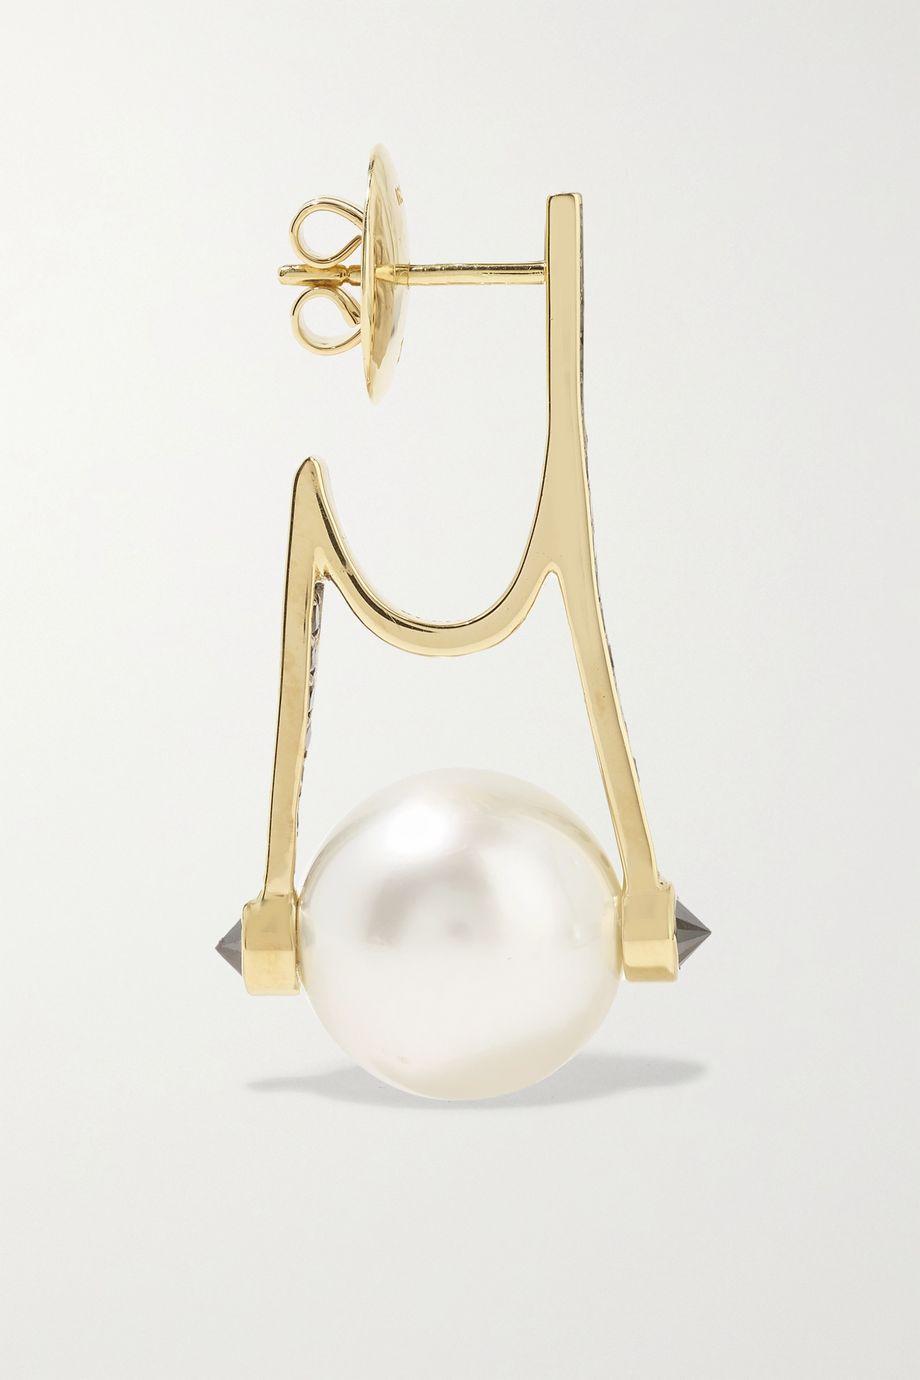 Ara Vartanian Ohrringe aus 18 Karat Gold mit Diamanten und Perlen